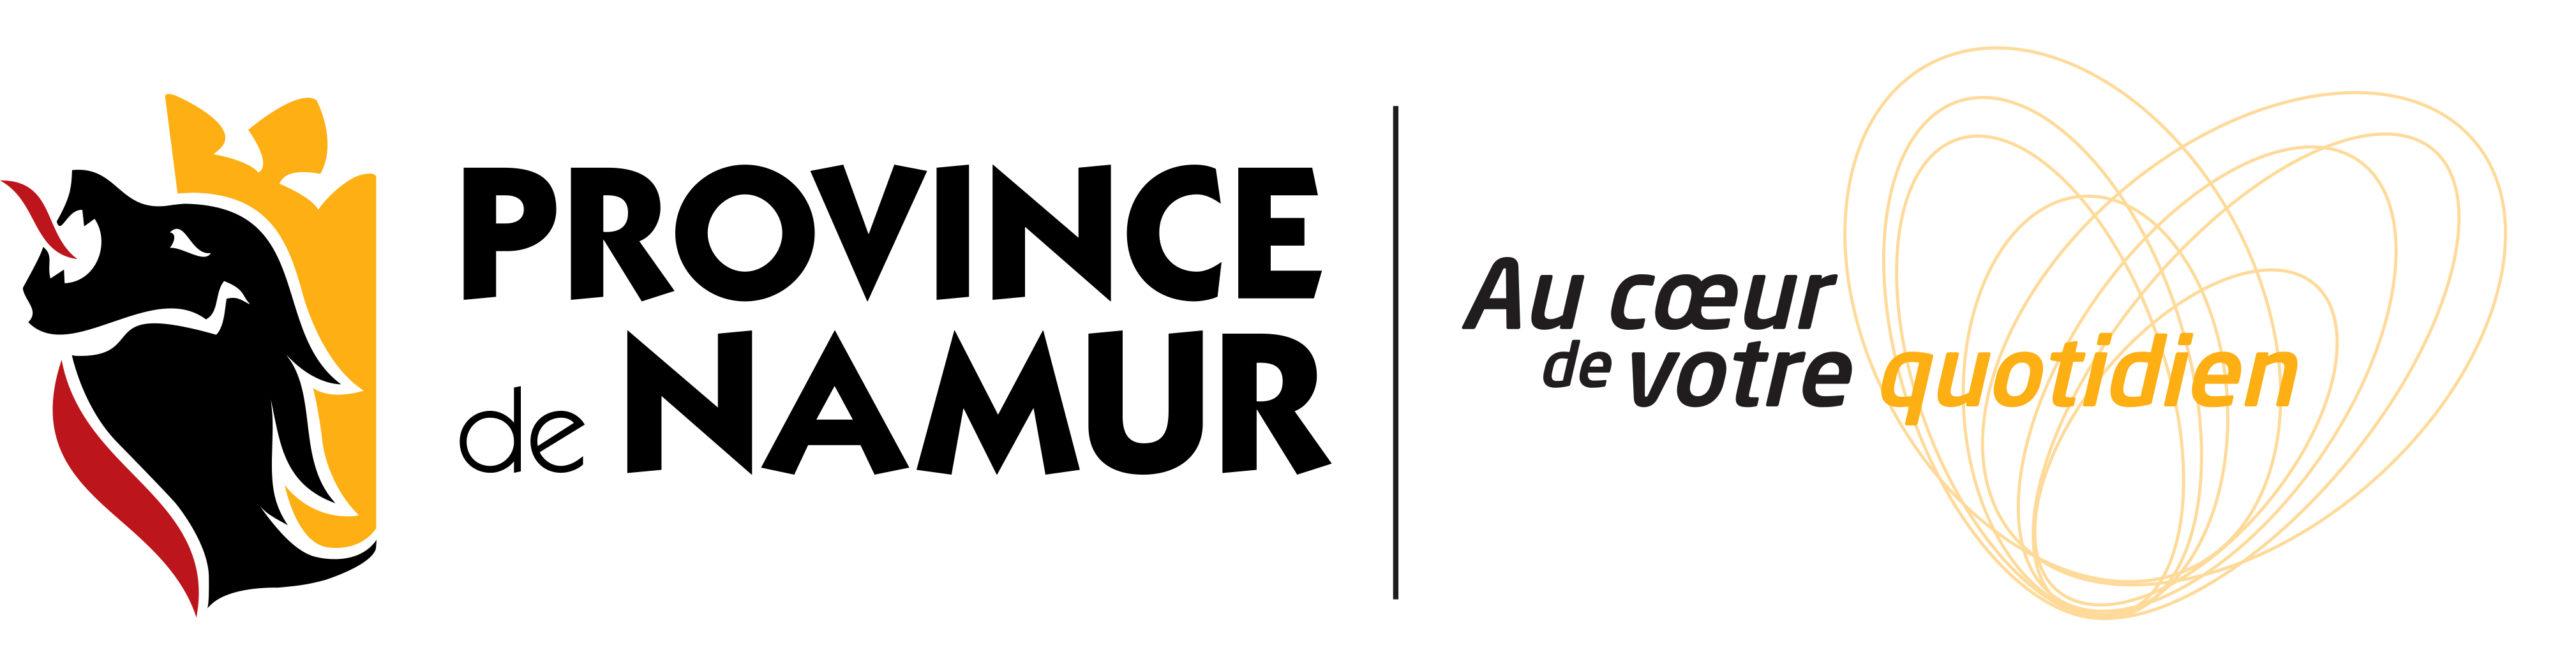 Province de Namur logo